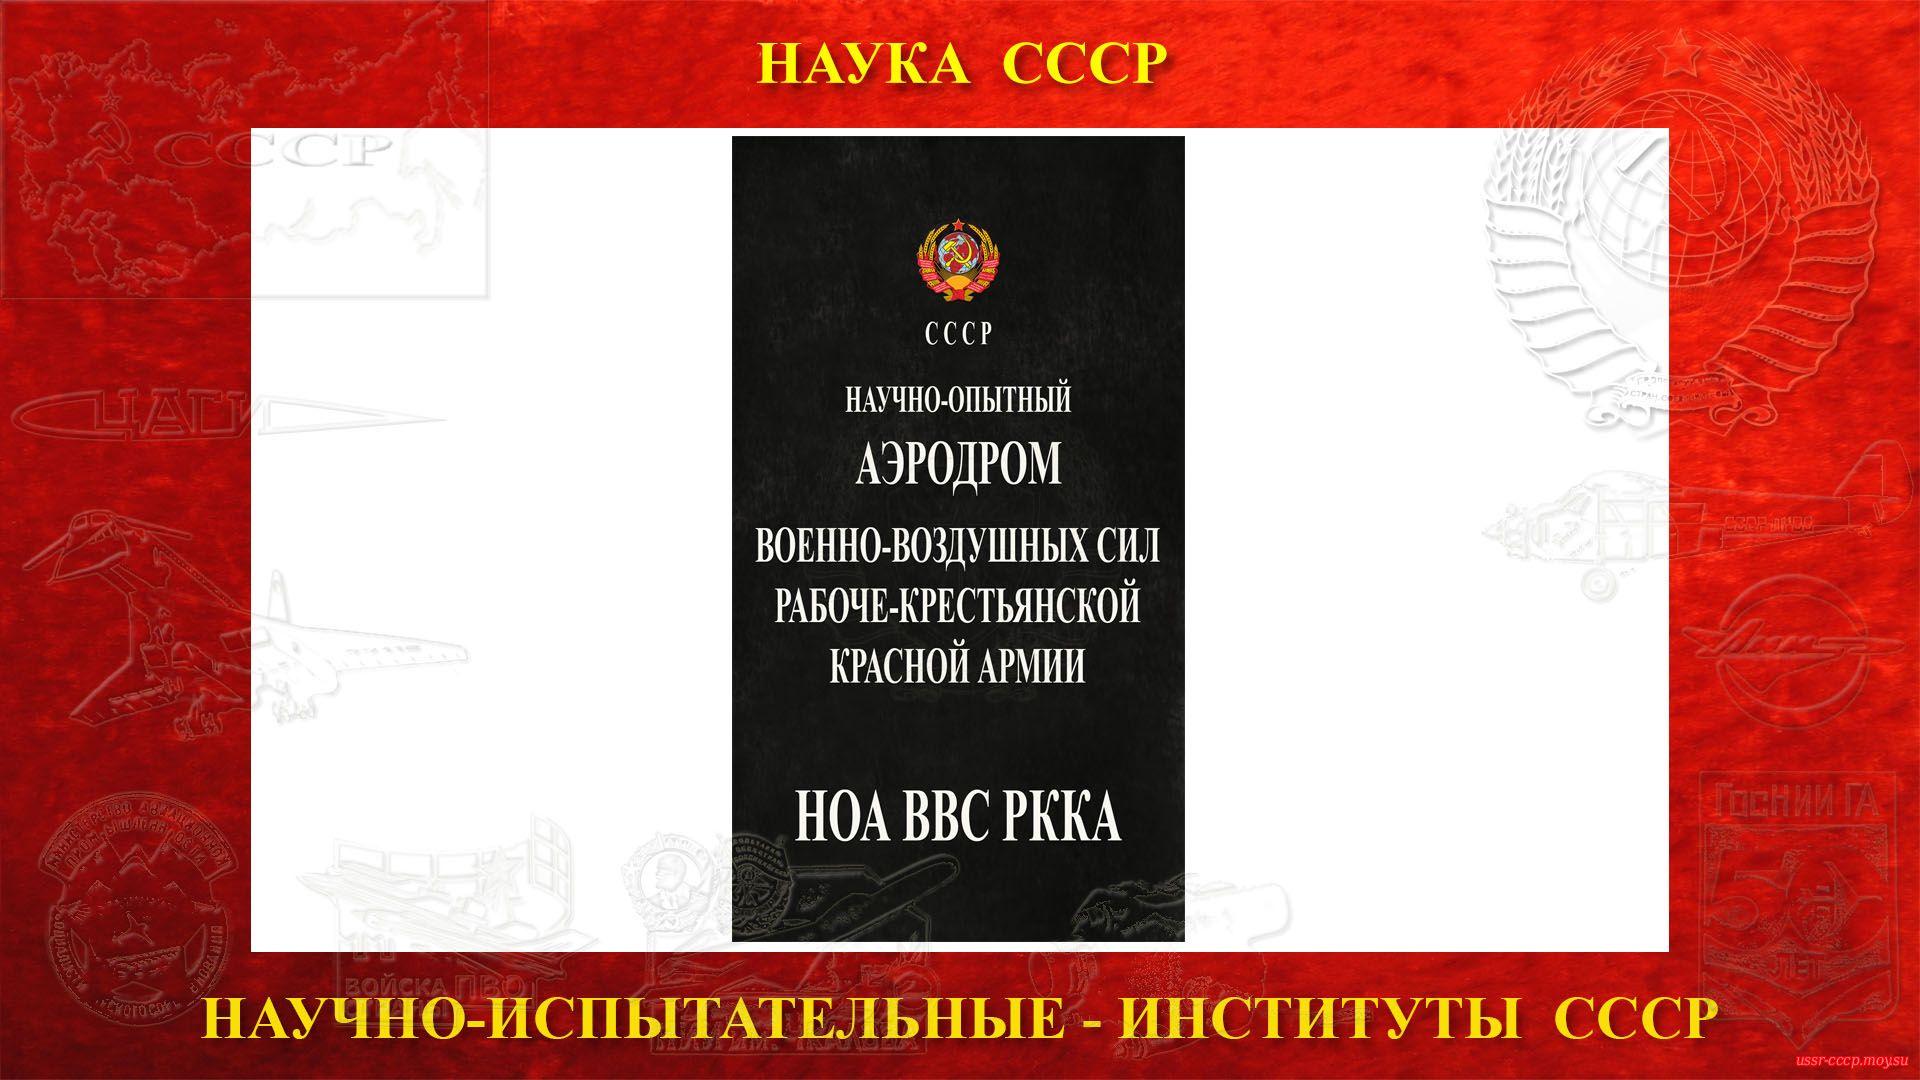 НОА ВВС РККА — Научно-опытный аэродром Военно-воздушных сил Рабоче-Крестьянской Красной Армии (полное повествование)